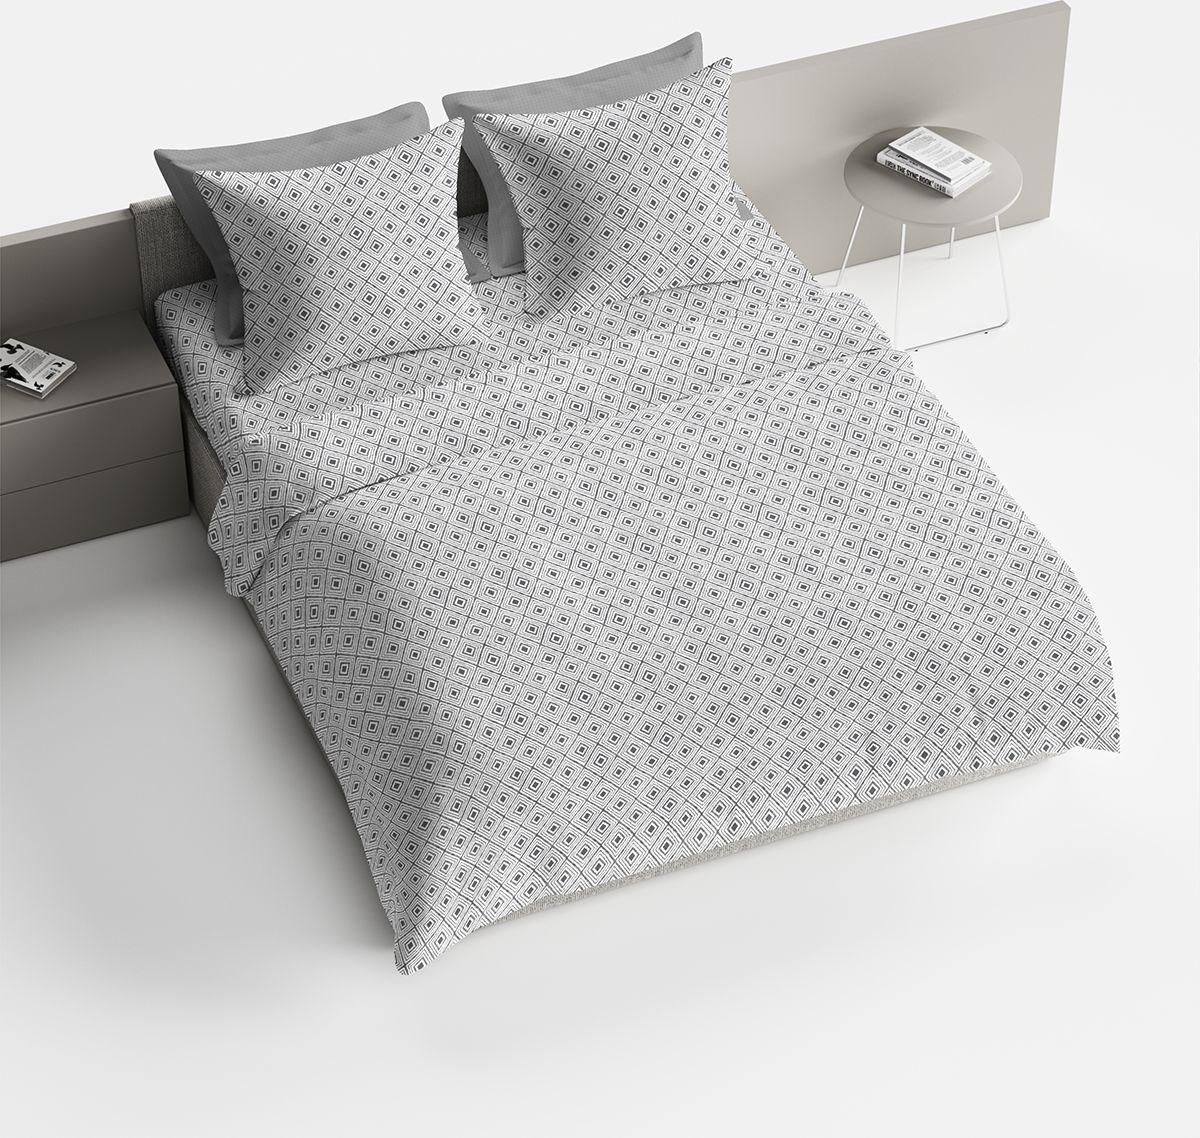 Комплект белья Браво Франко, 1,5 спальное, наволочки 70x70, цвет: серый. 4096-189764